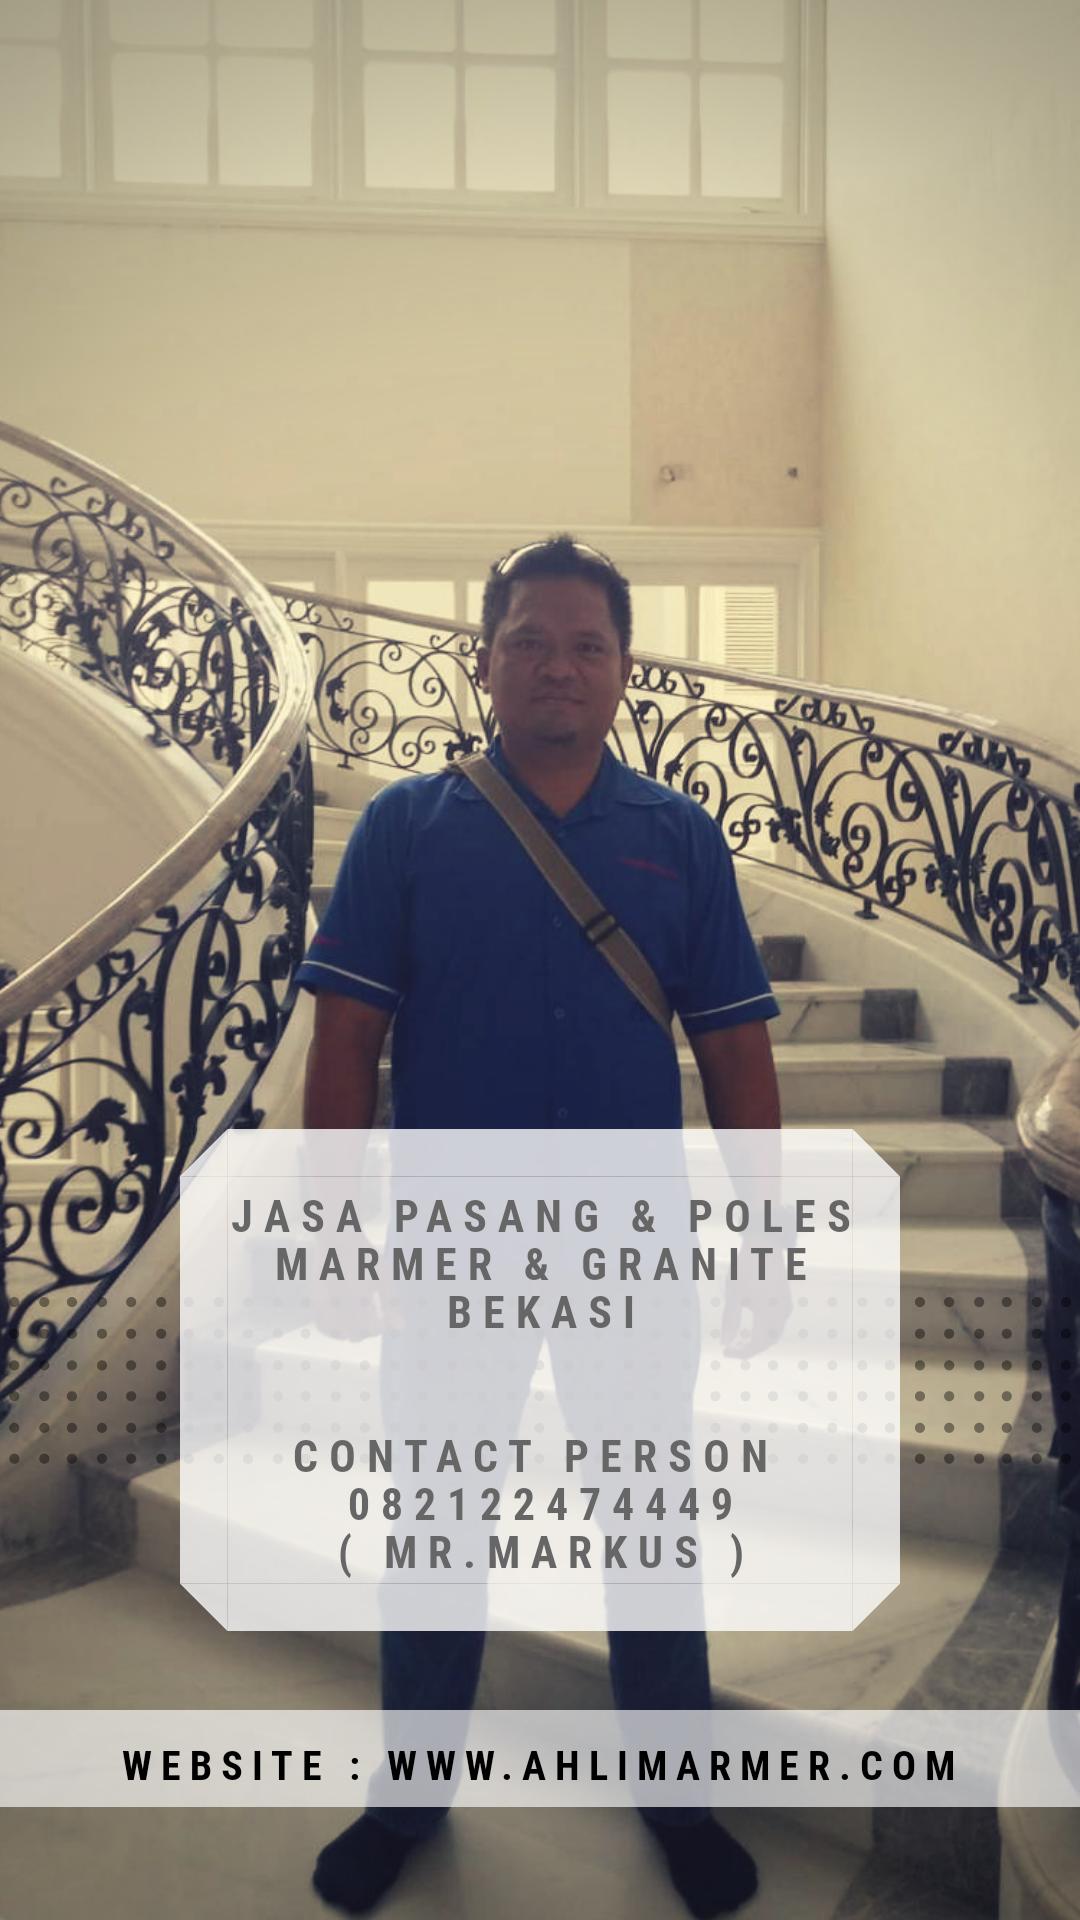 Jasa Pasang Poles Granit di Bogor